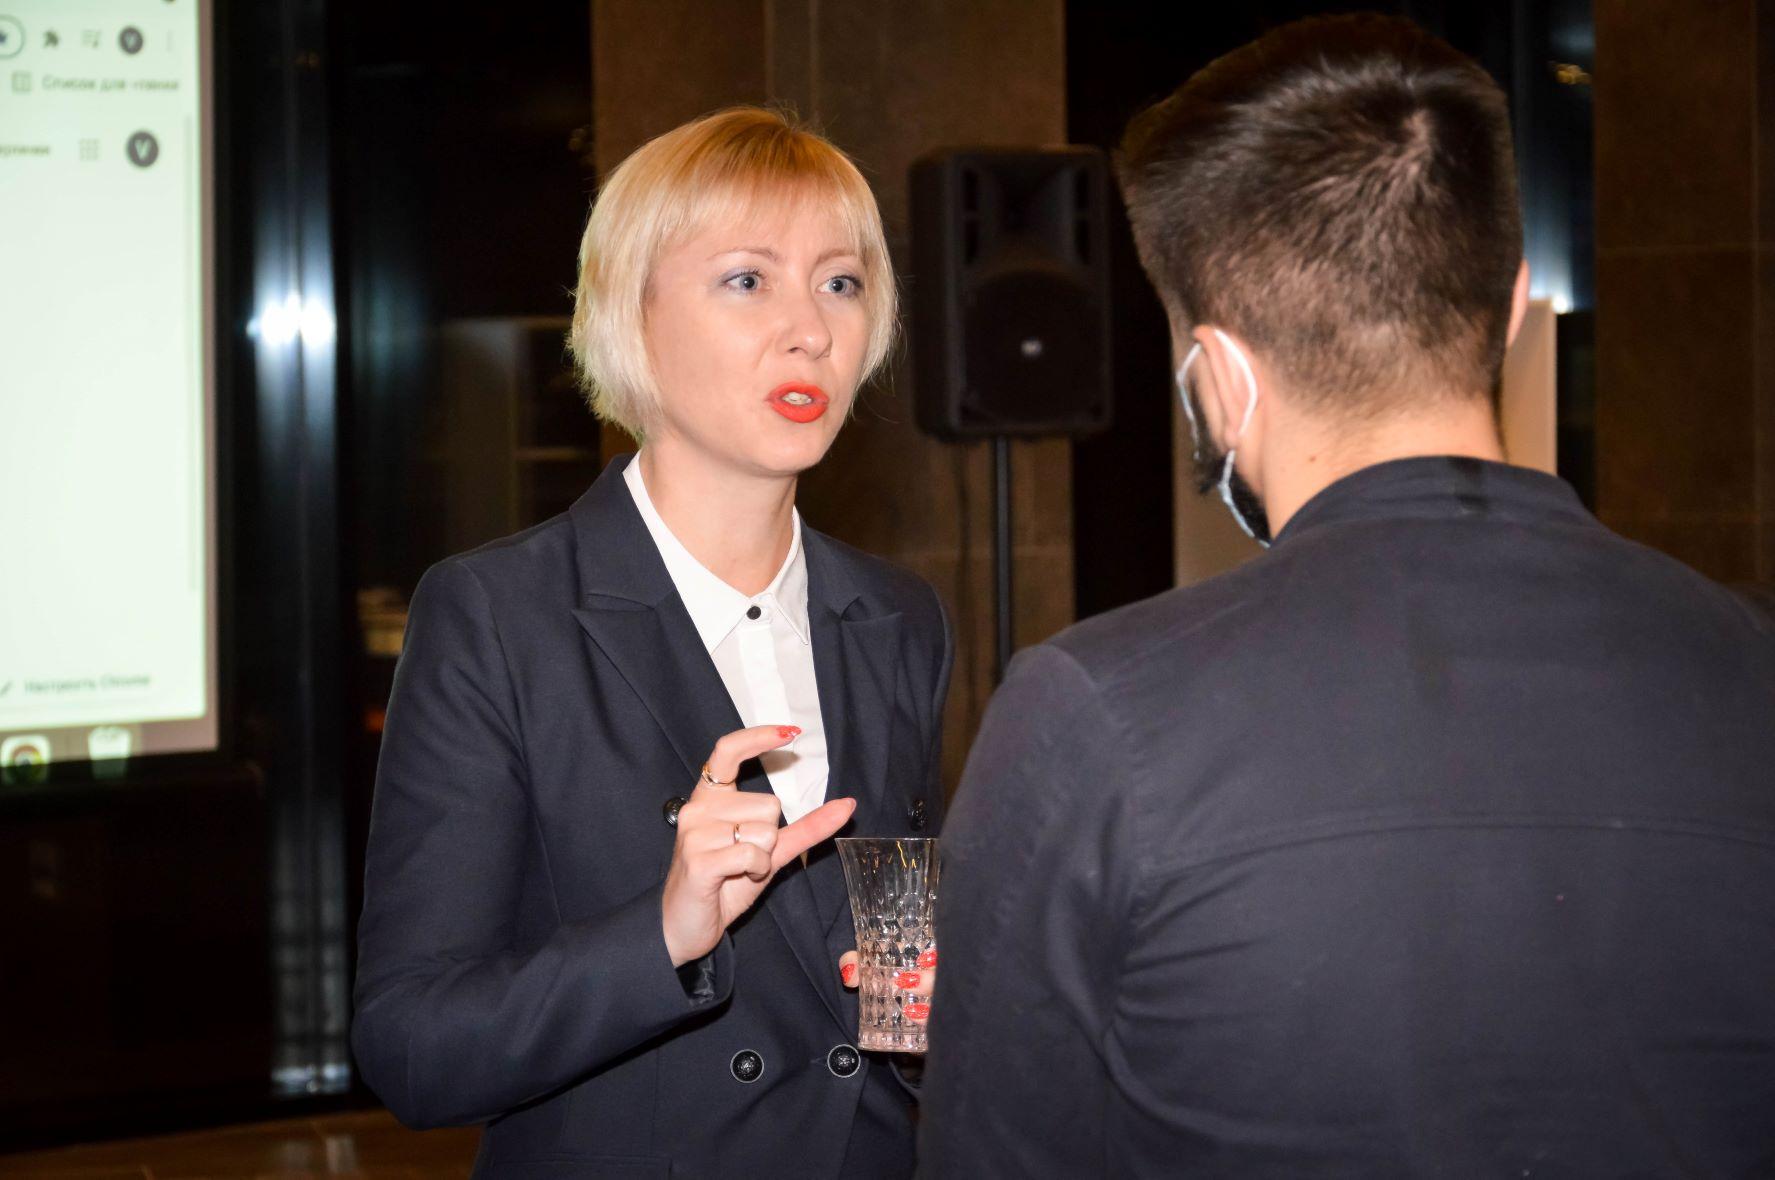 ЦБТ провів актуальну дискусійну панель в Чернівцях - 27 фото